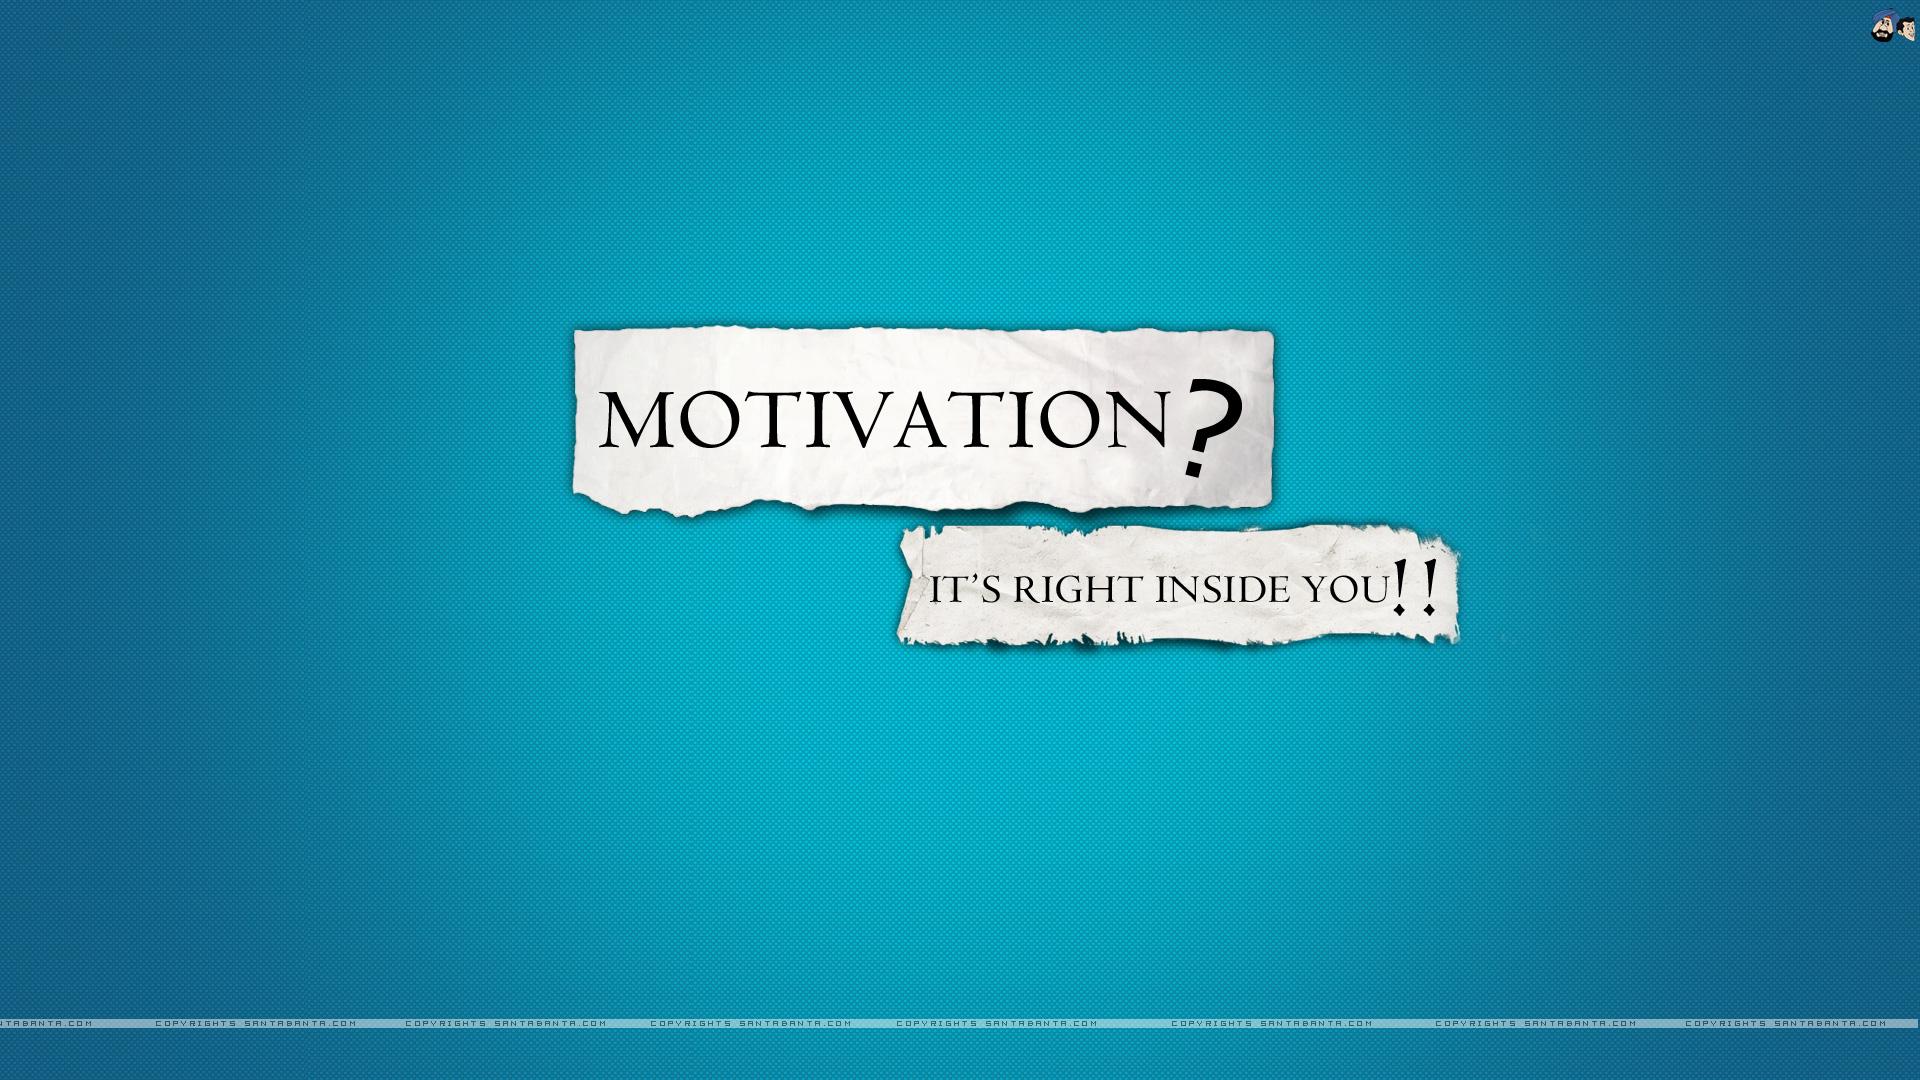 Motivation is inside you by SantaBanta.com